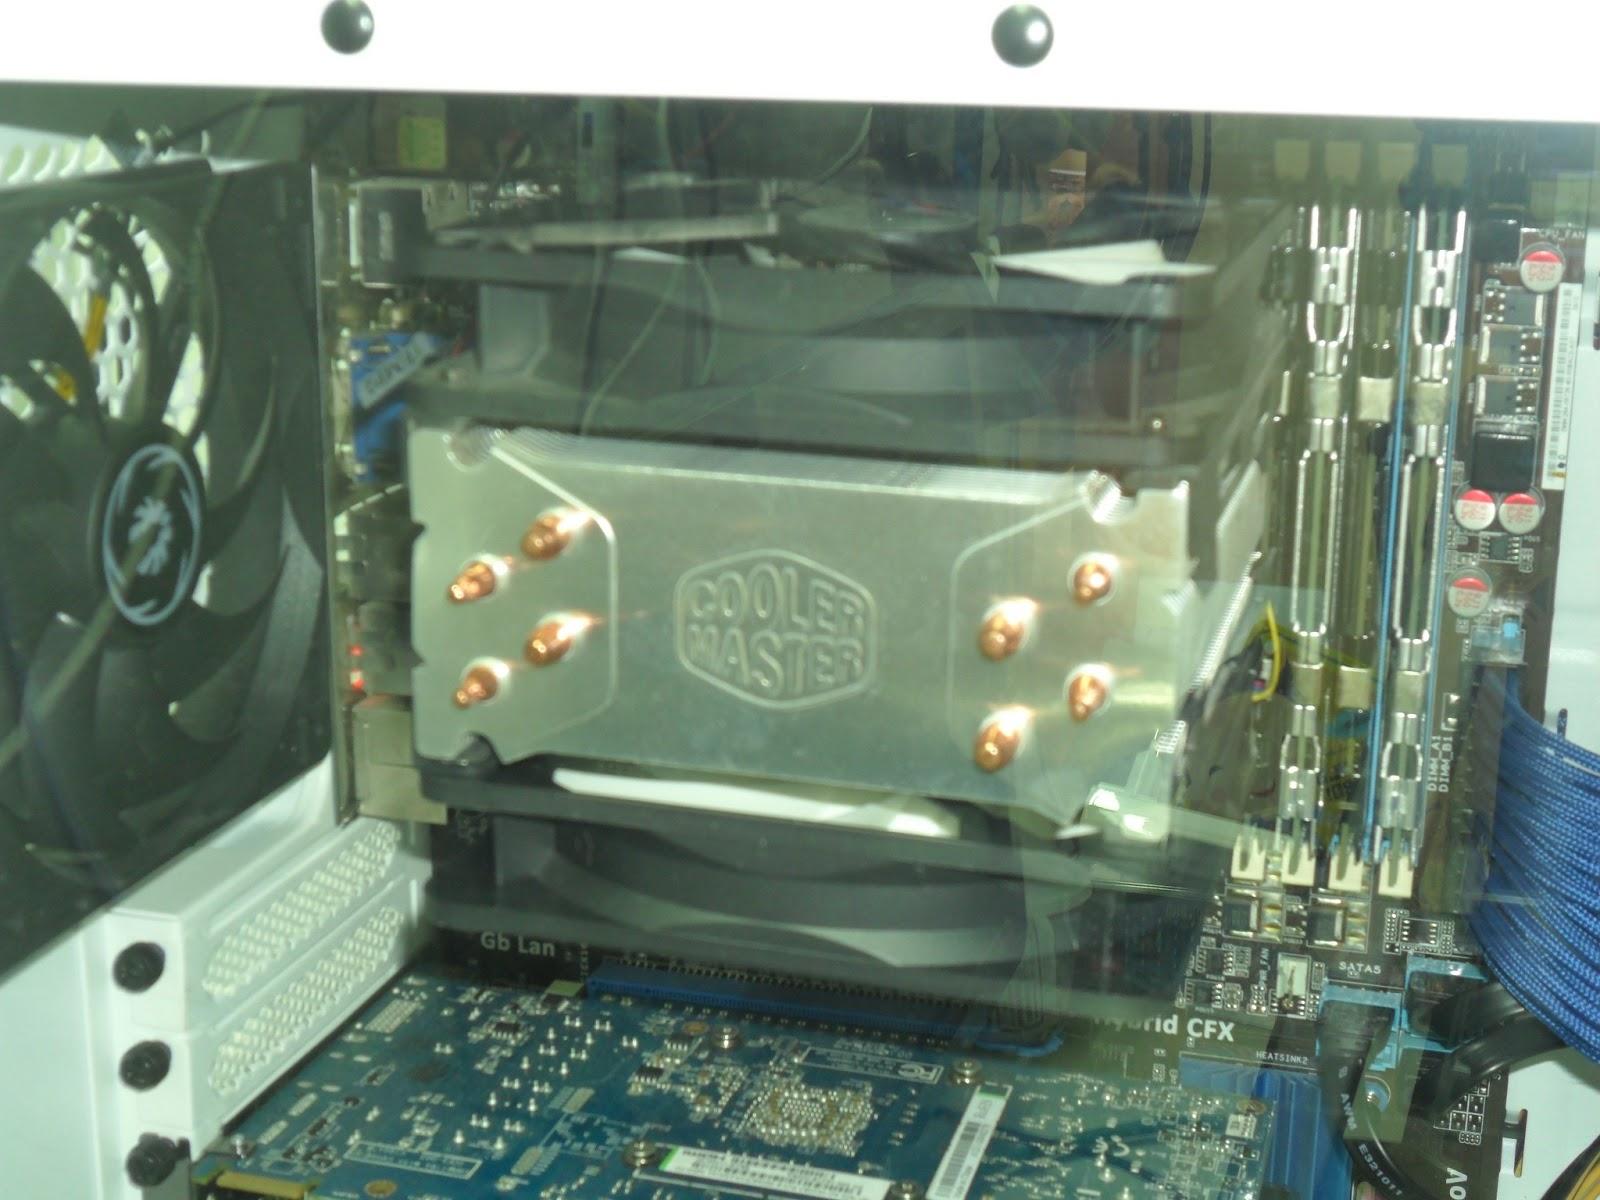 Unboxing & Review : BitFenix Spectre Pro LED 120mm 12